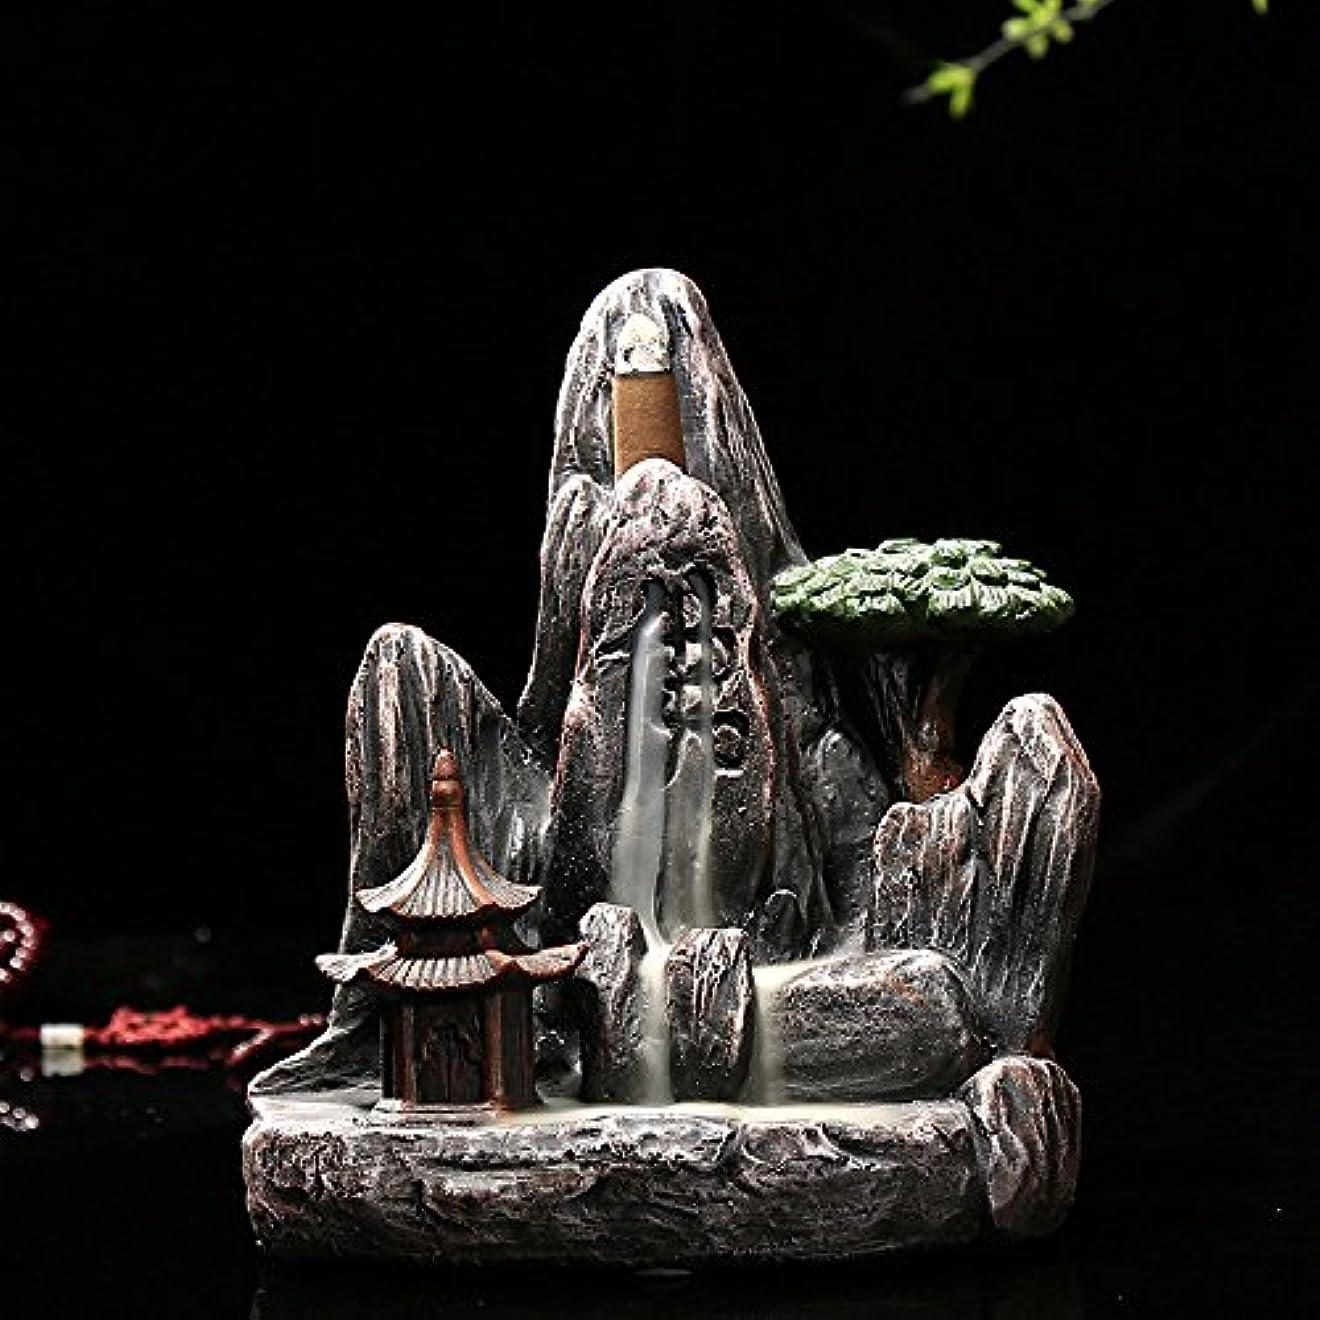 行進マトロン最も遠いomonic Zen Garden Mountain Stream Backflow手作り樹脂Incense Holder Burner、アロマセラピー炉Diffuser forホームインテリア